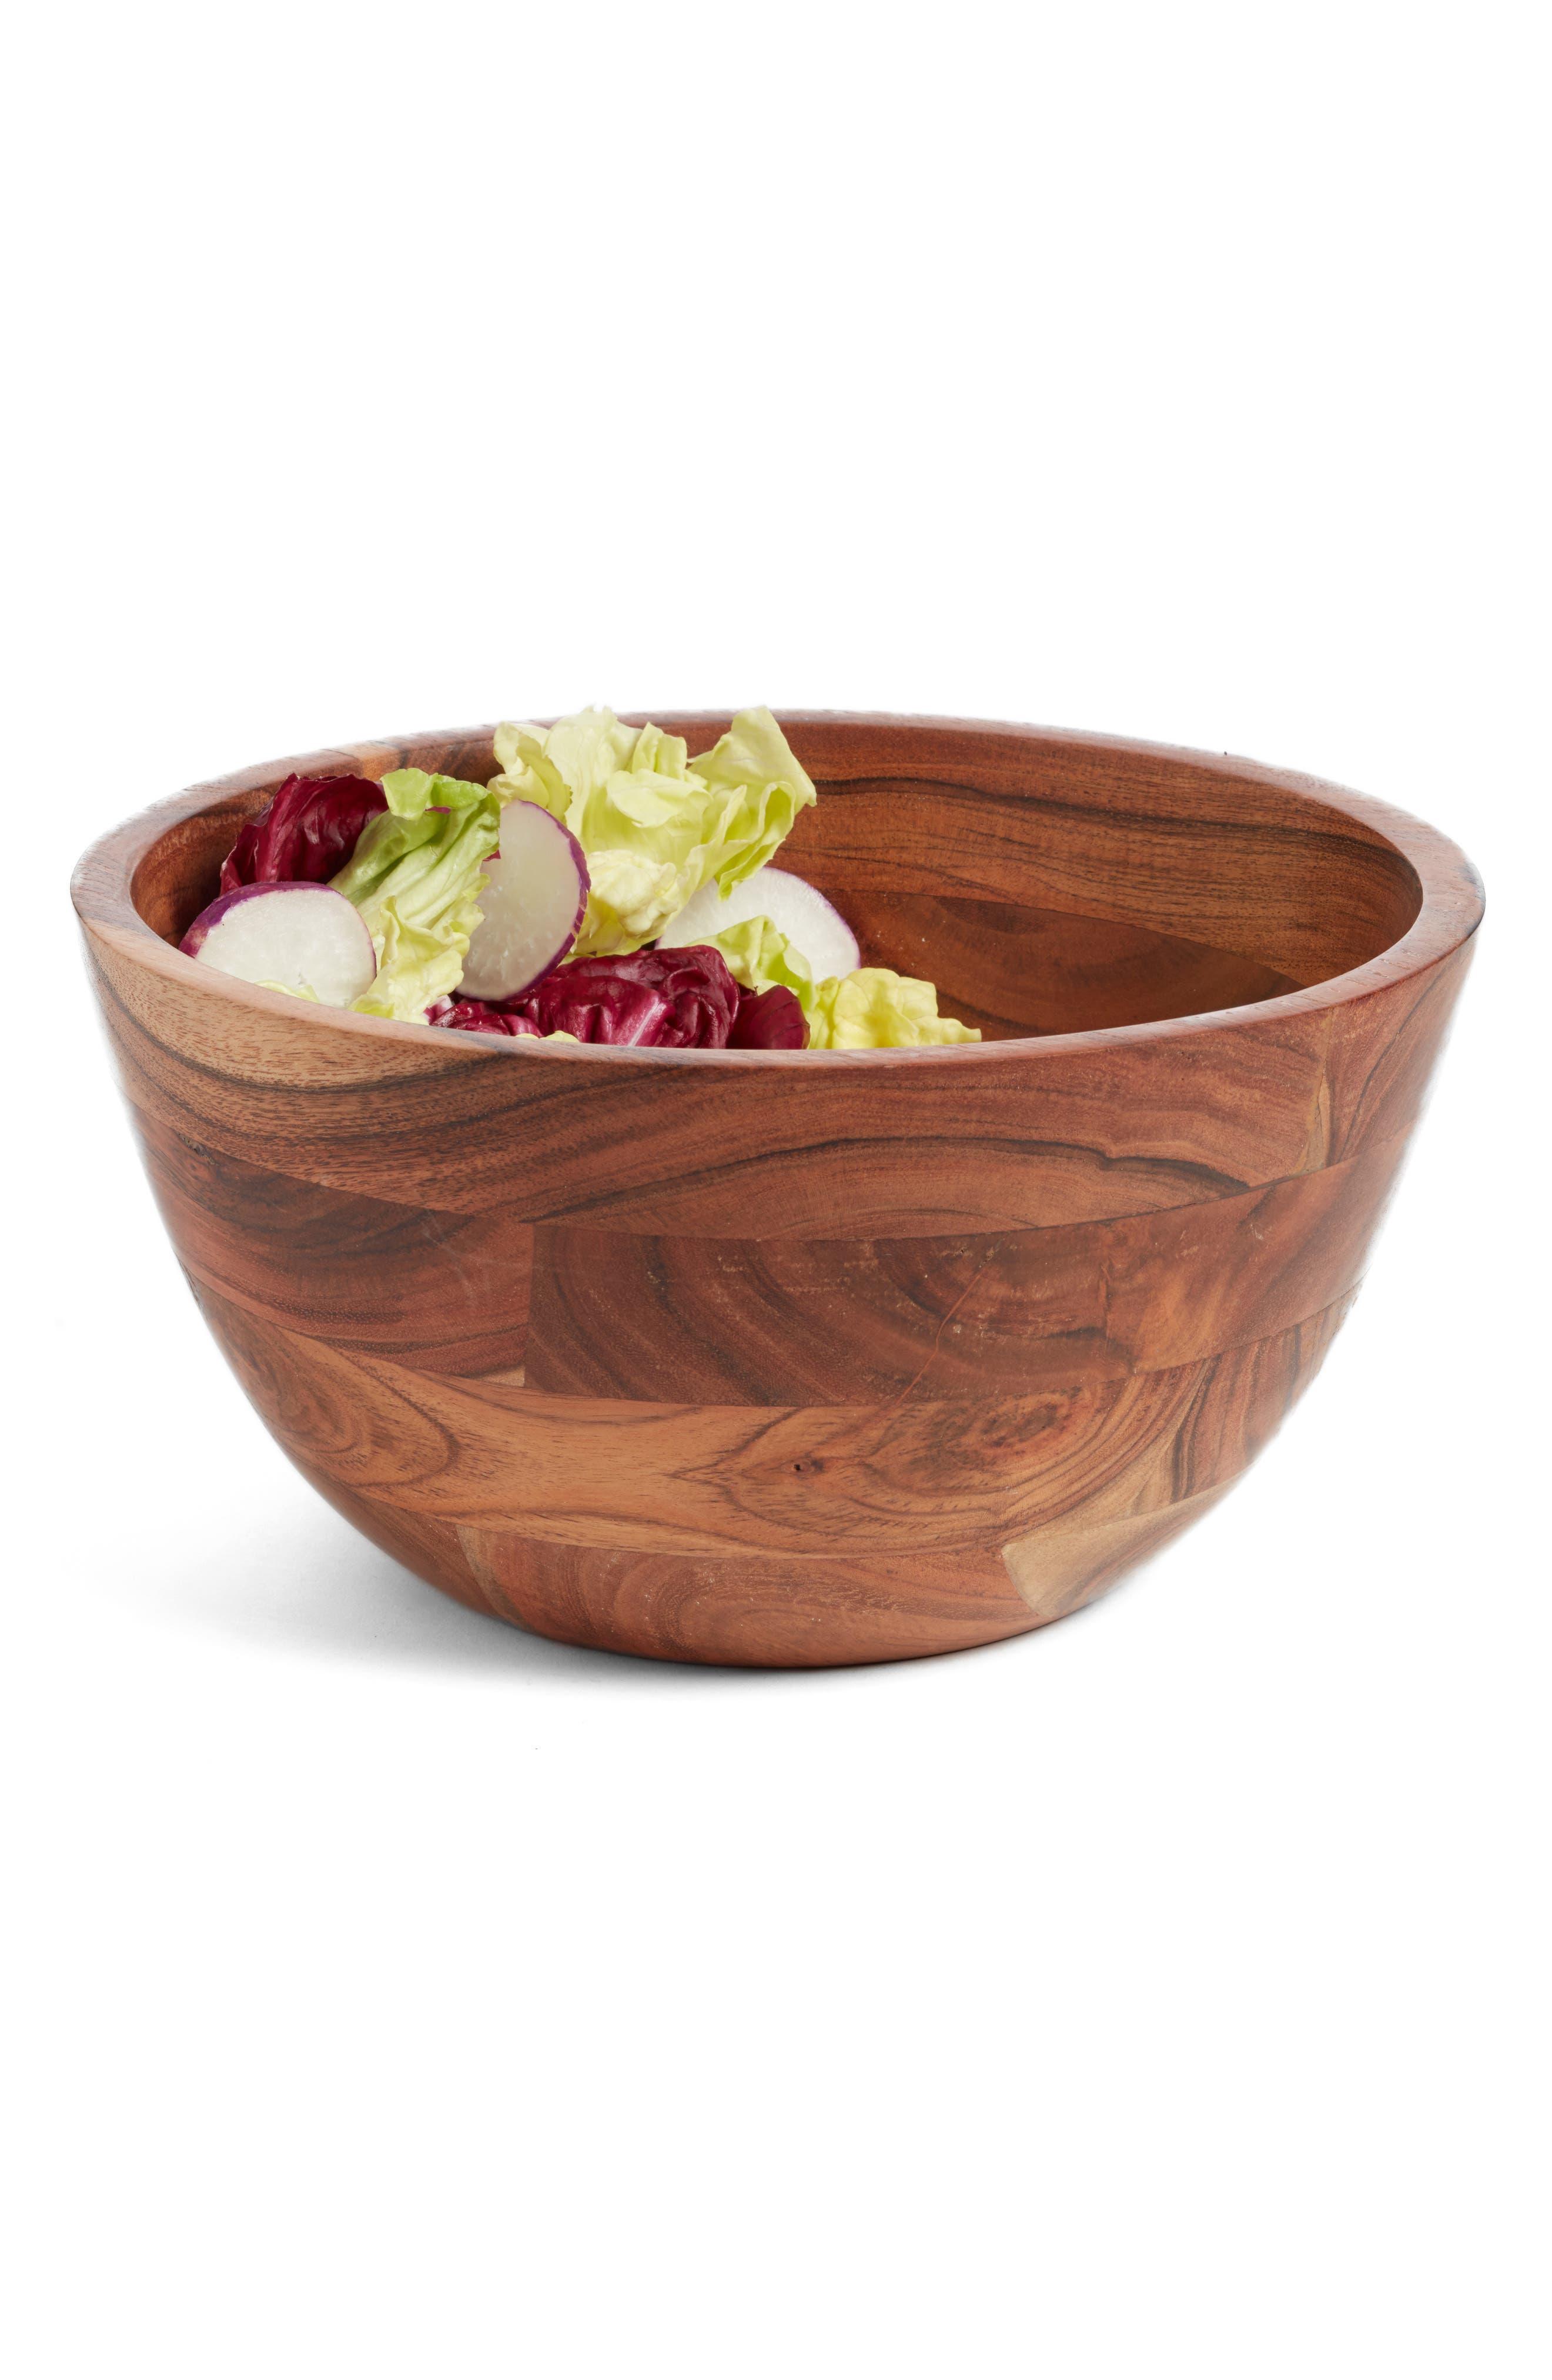 Medium Wood Salad Bowl,                             Main thumbnail 1, color,                             200